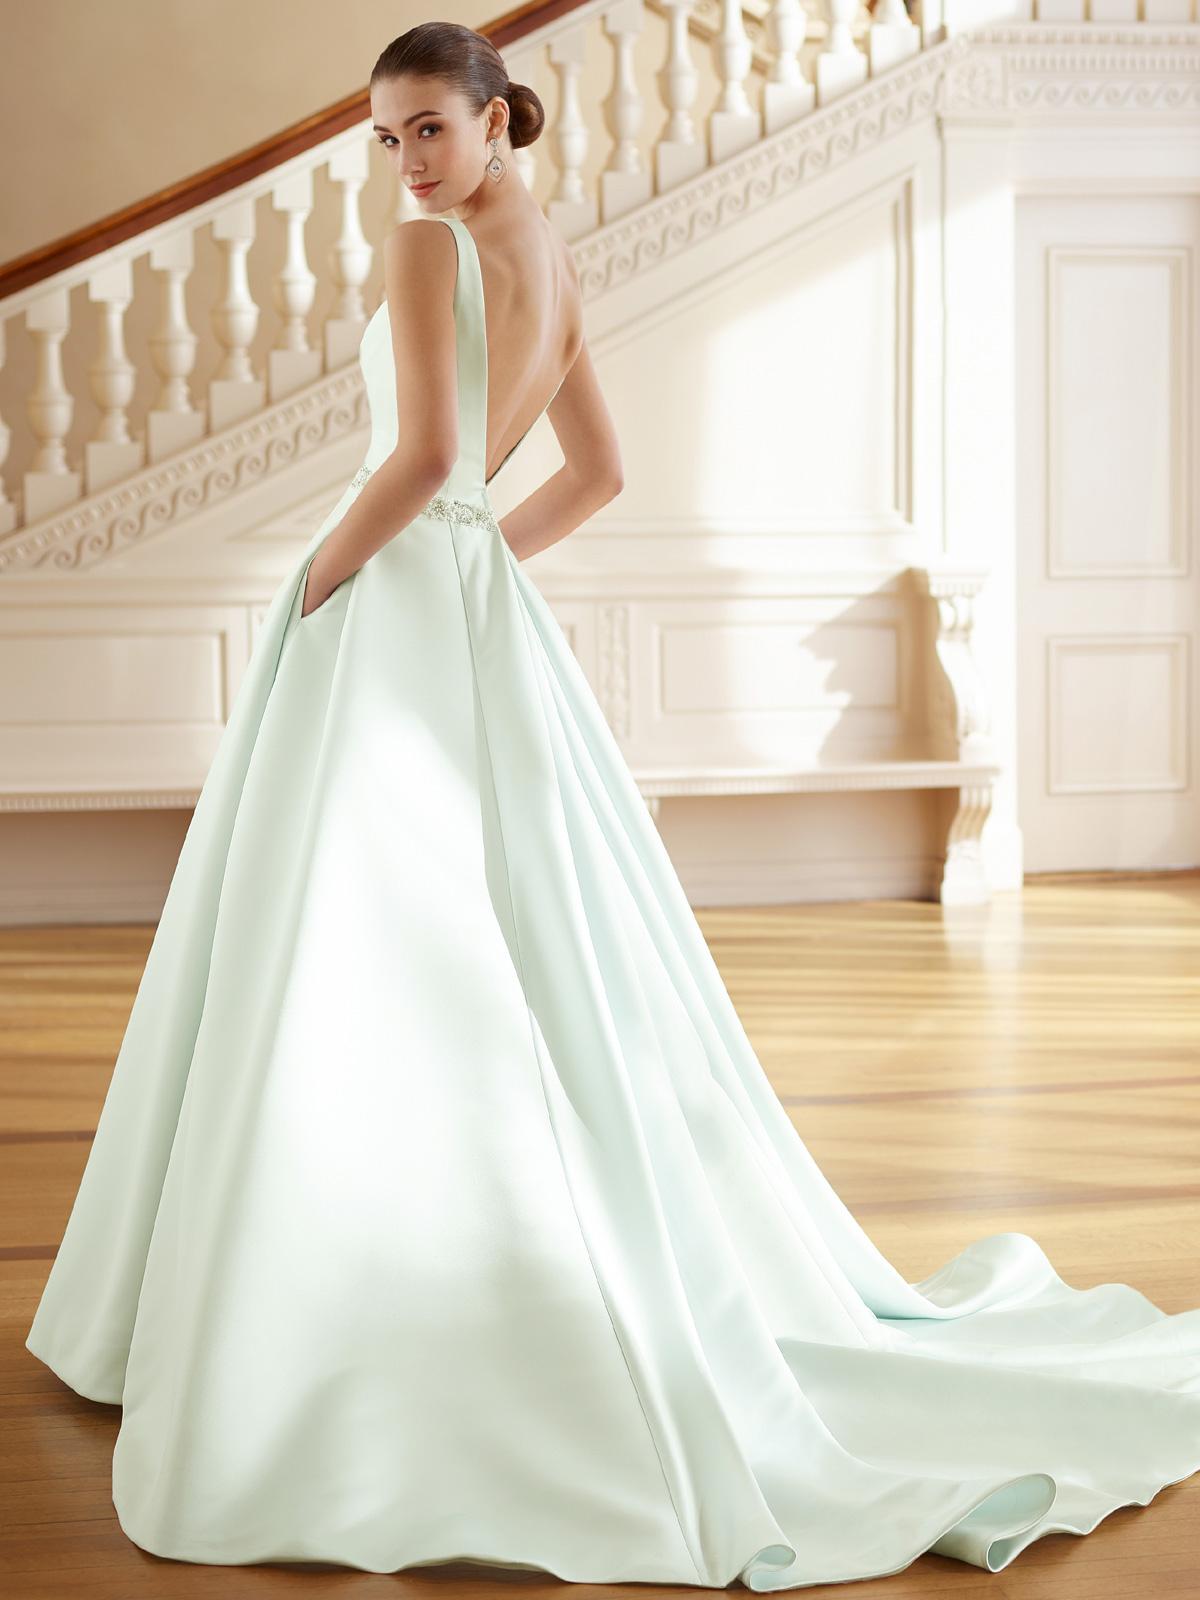 Vestido de Noiva Laine - Hipnose Alta Costura e Spa para Noivas e Noivos - Campinas - SP Vestido de Noiva, Vestidos de Noiva Princesa, Hipnose Alta Costura, Vestido de Noiva Laine